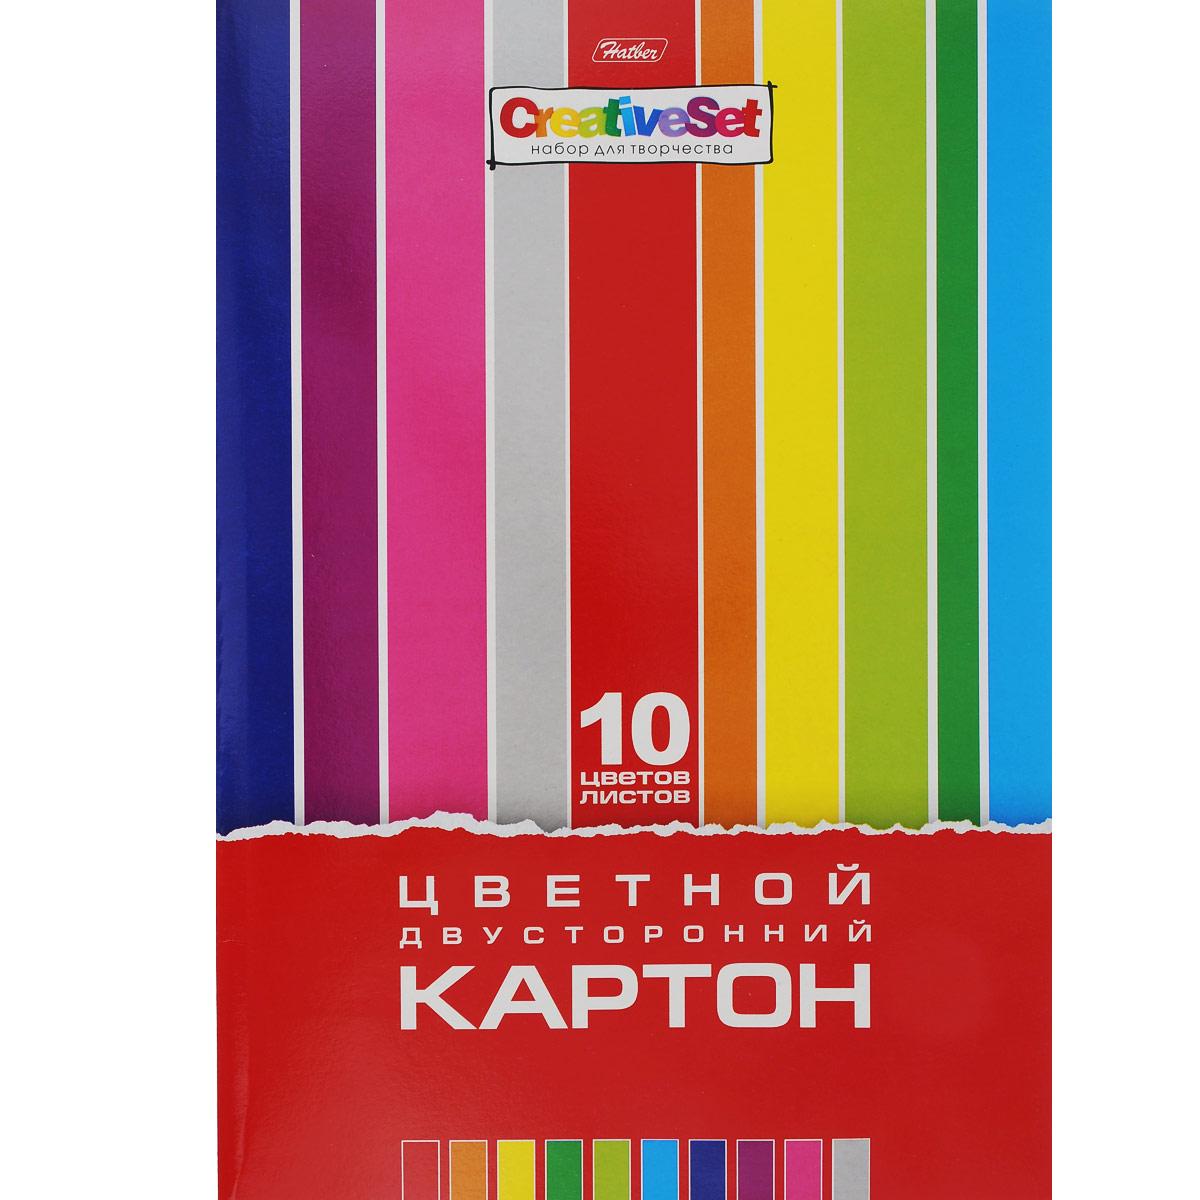 Картон цветной Hatber Creative Set , двухсторонний, 10 цв, формат А472523WDКартон цветной Hatber Creative Set , двухсторонний, позволит создавать всевозможные аппликации и поделки. Набор включает 10 листов одностороннего цветного картона формата А4. Цвета: коричневый, синий, серебристый, зеленый, красный, оранжевый, голубой, серовато-оливковый, желтый, черный. Создание поделок из цветного картона позволяет ребенку развивать творческие способности, кроме того, это увлекательный досуг.